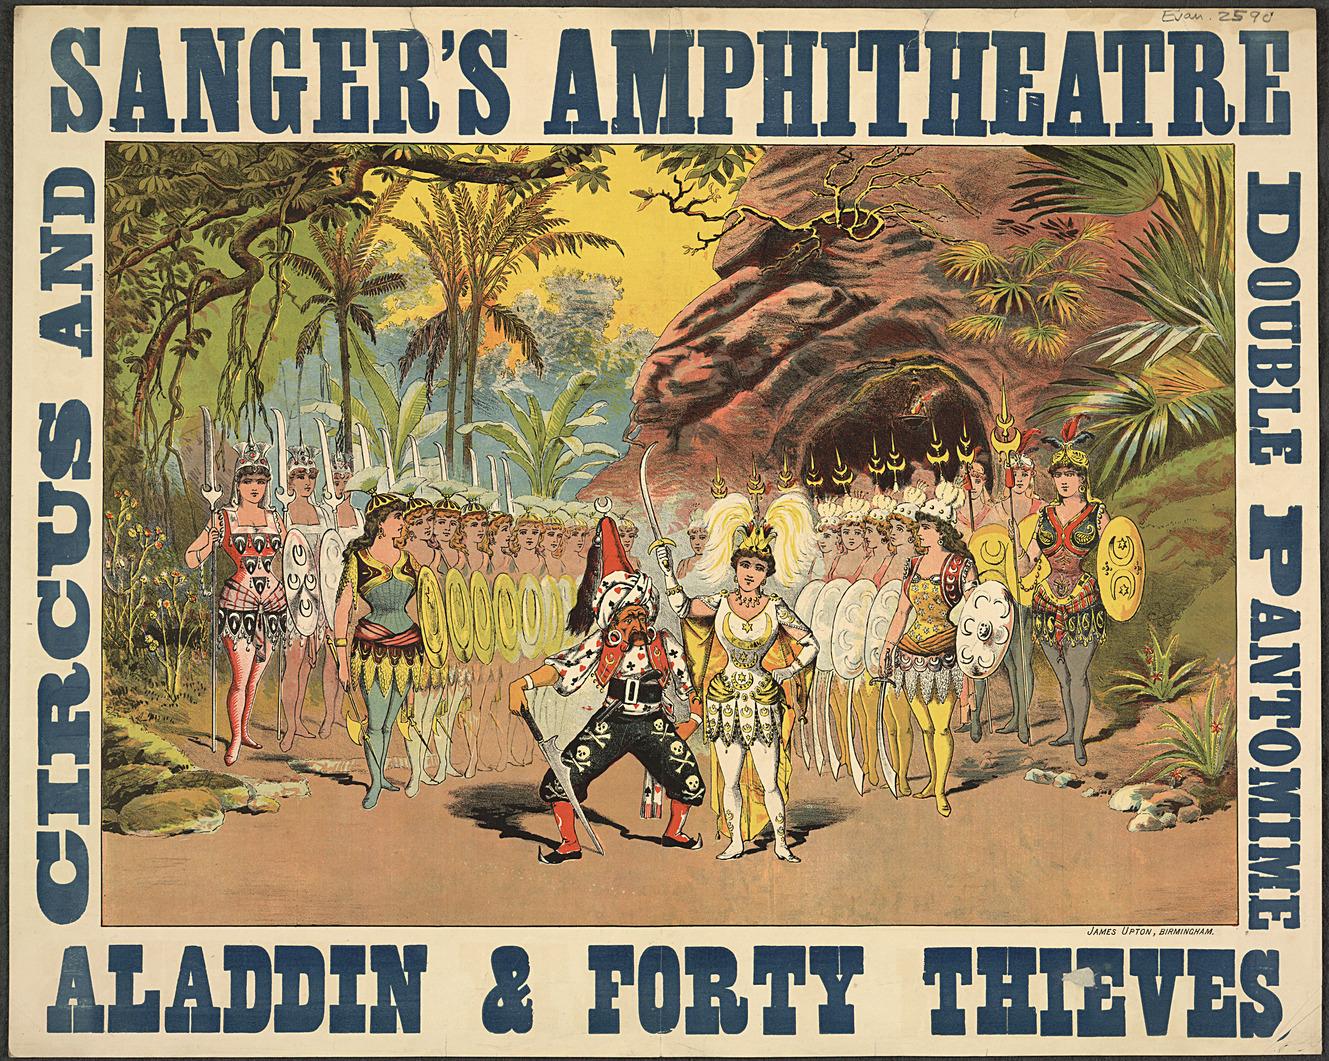 Sanger's Amphitheatre Poster